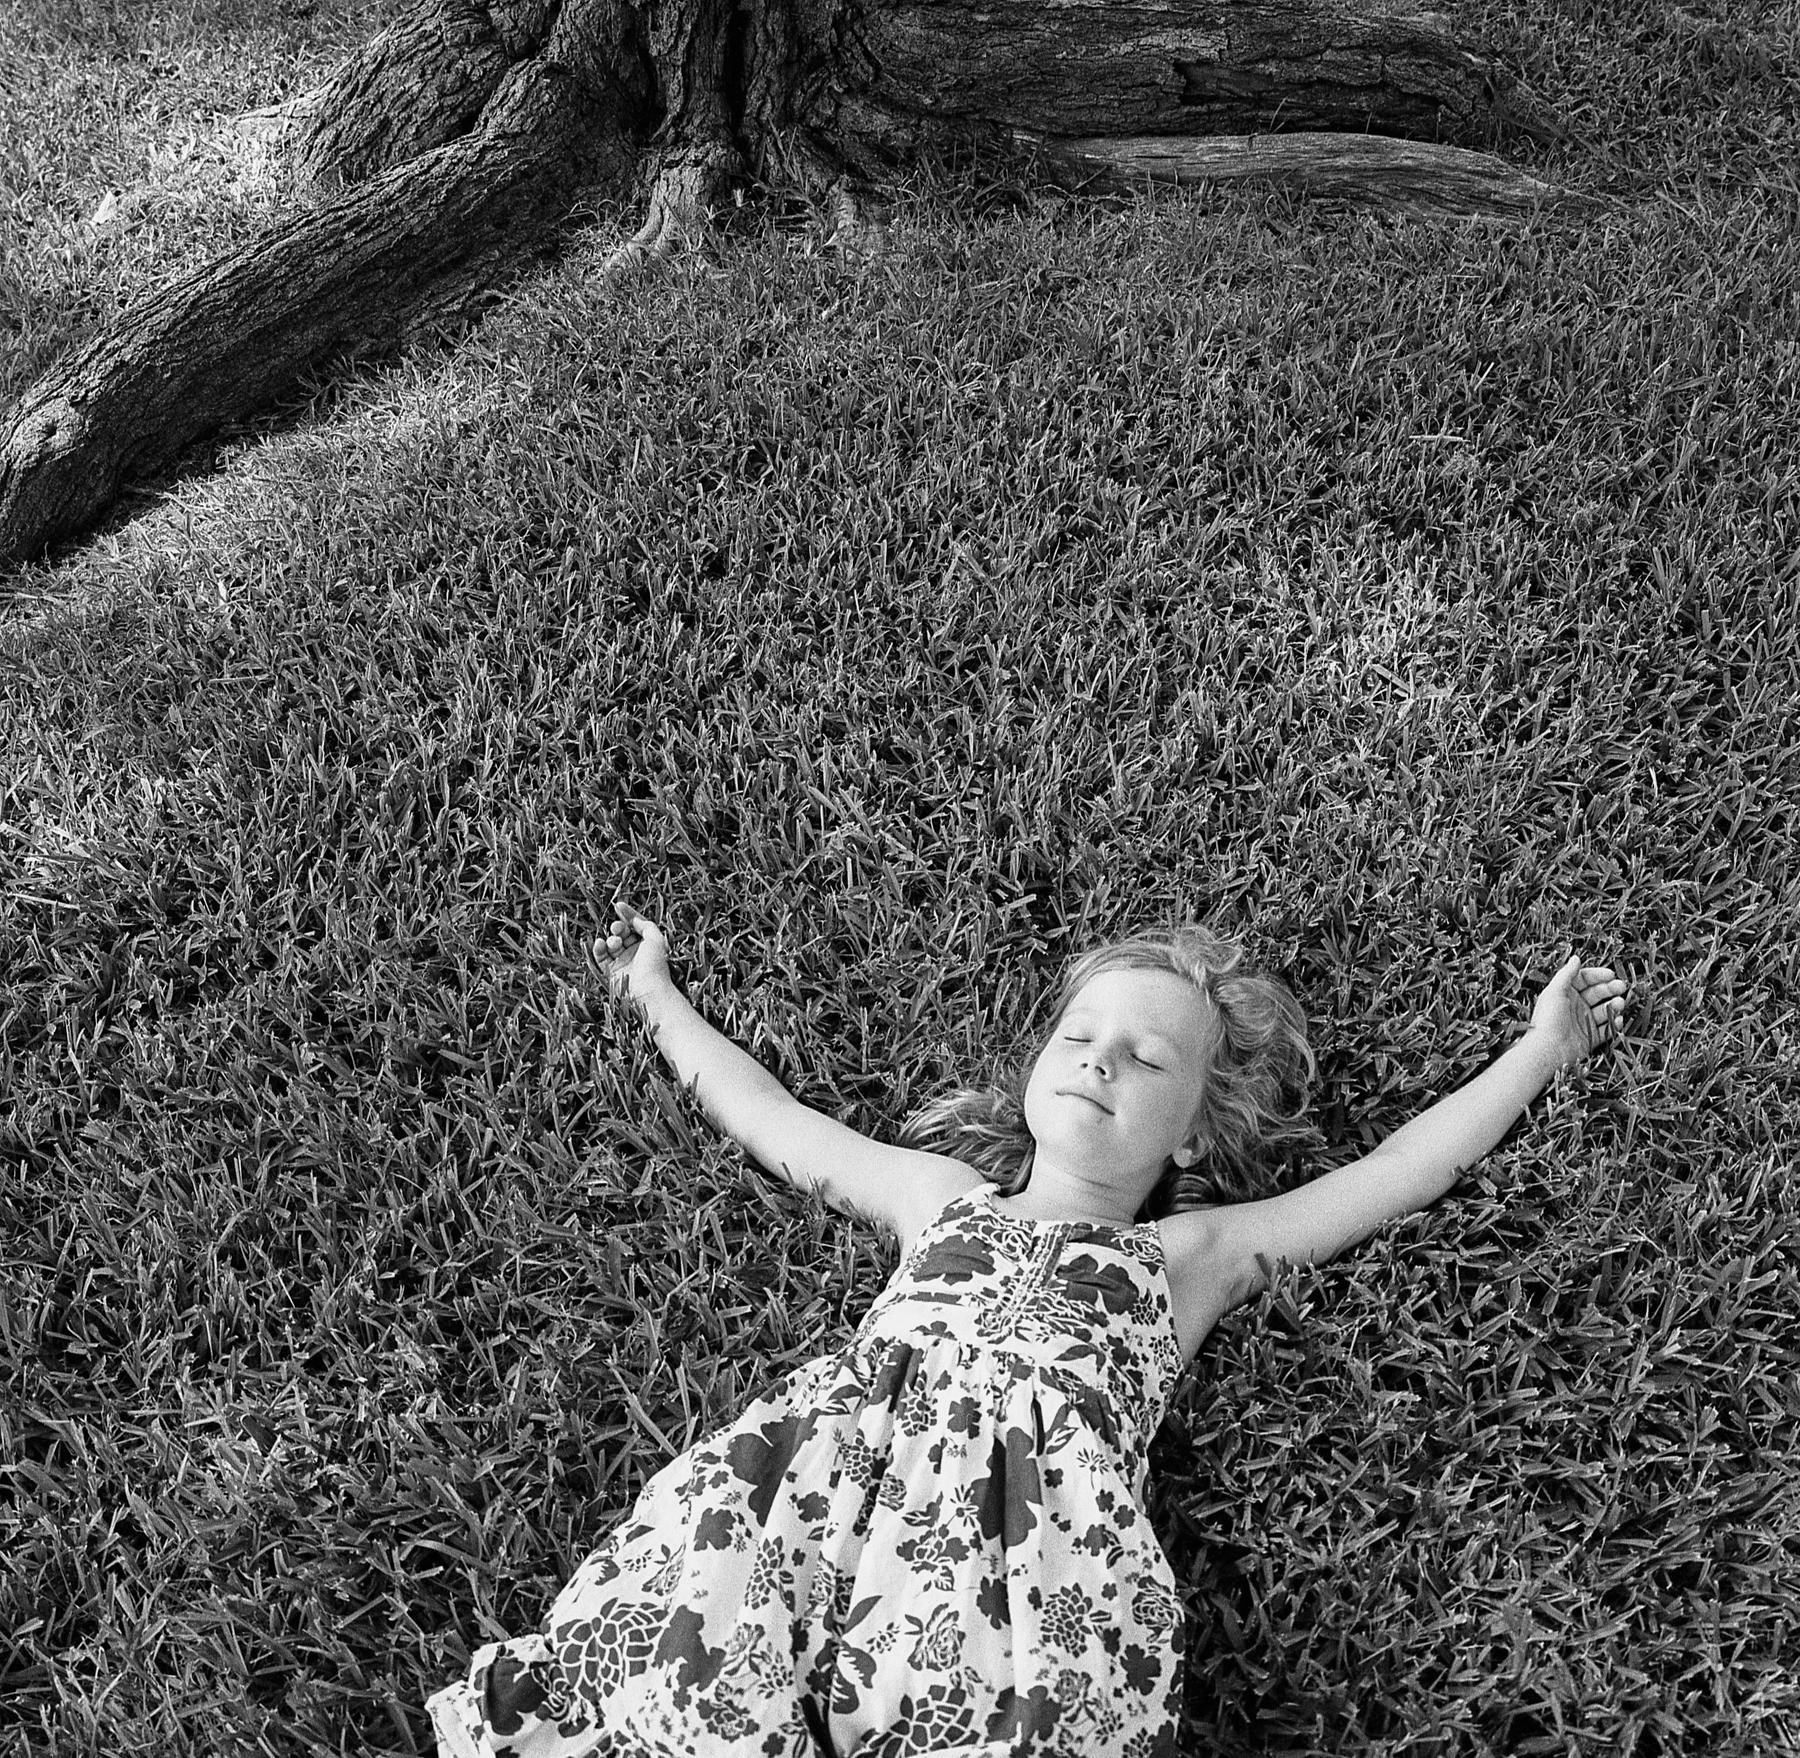 beautiful dreamer|hasselblad swc |kodak tri-x |amy jasek